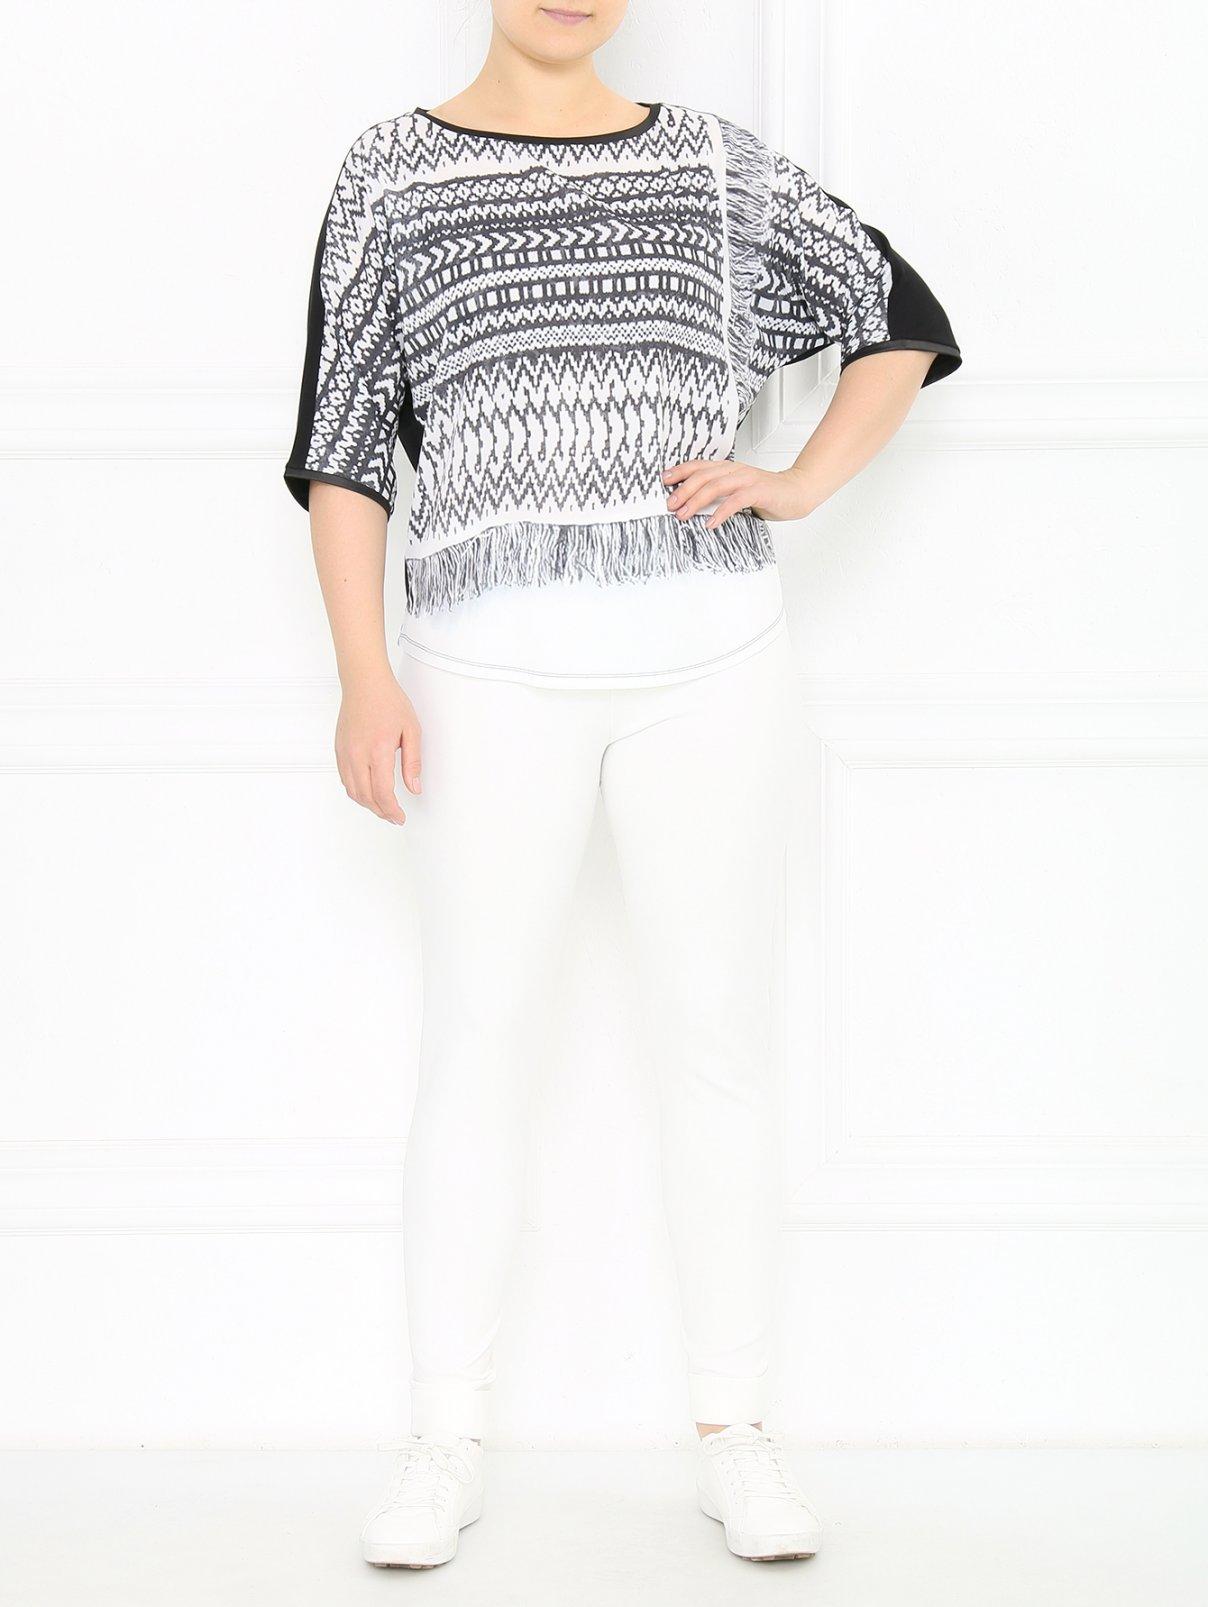 Трикотажные брюки прямого кроя Marina Sport  –  Модель Общий вид  – Цвет:  Белый